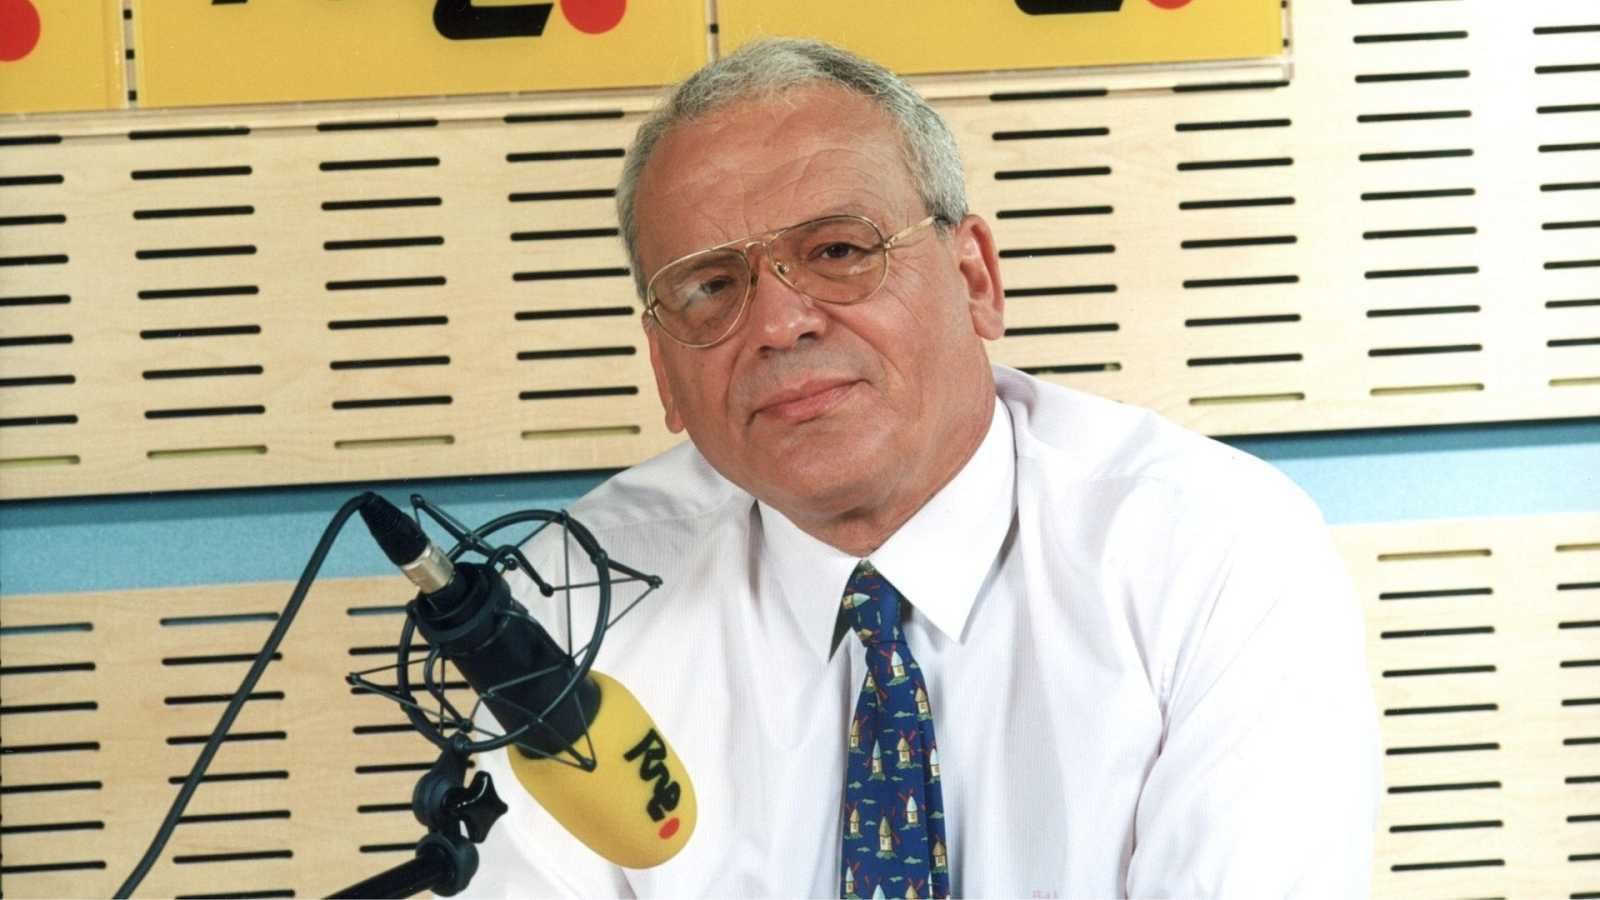 """Las mañanas de RNE con Íñigo Alfonso - Manuel Antonio Rico: """"El 23F la radio sirvió de punto de unión entre los españoles"""" - Escuchar ahora"""